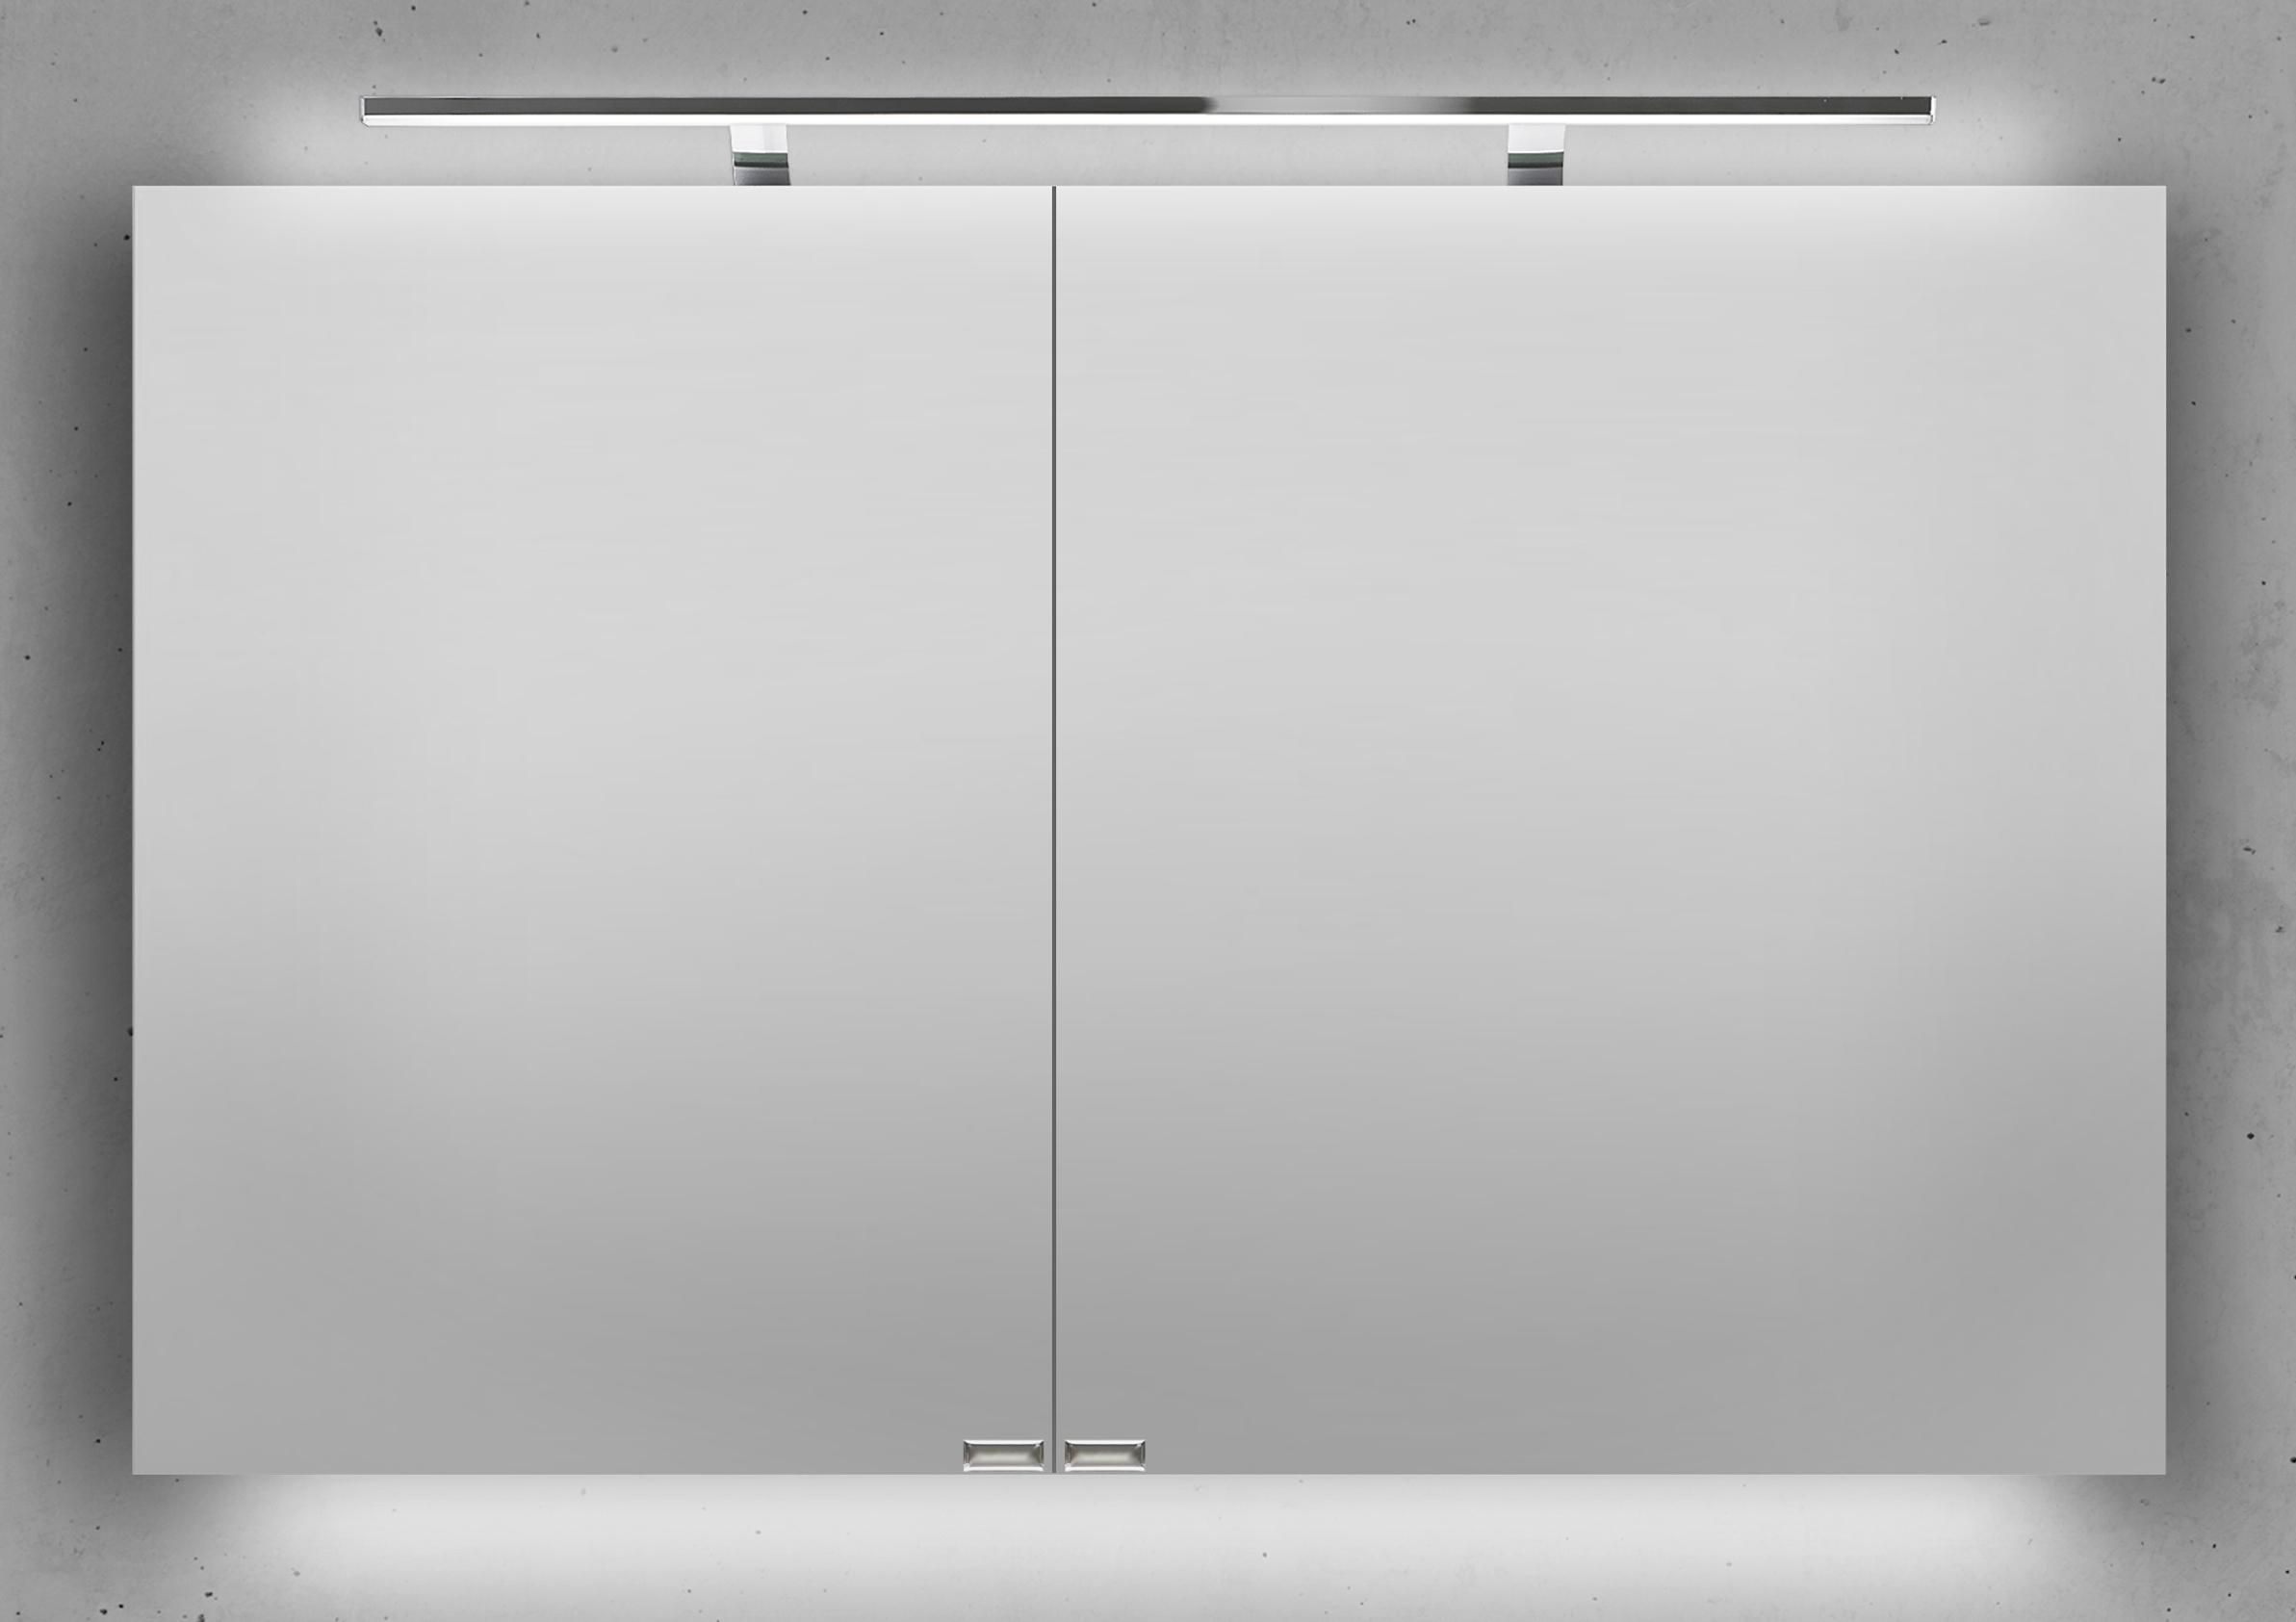 spiegelschrank 110 cm inkl led beleuchtung doppelseitig verspiegelt. Black Bedroom Furniture Sets. Home Design Ideas